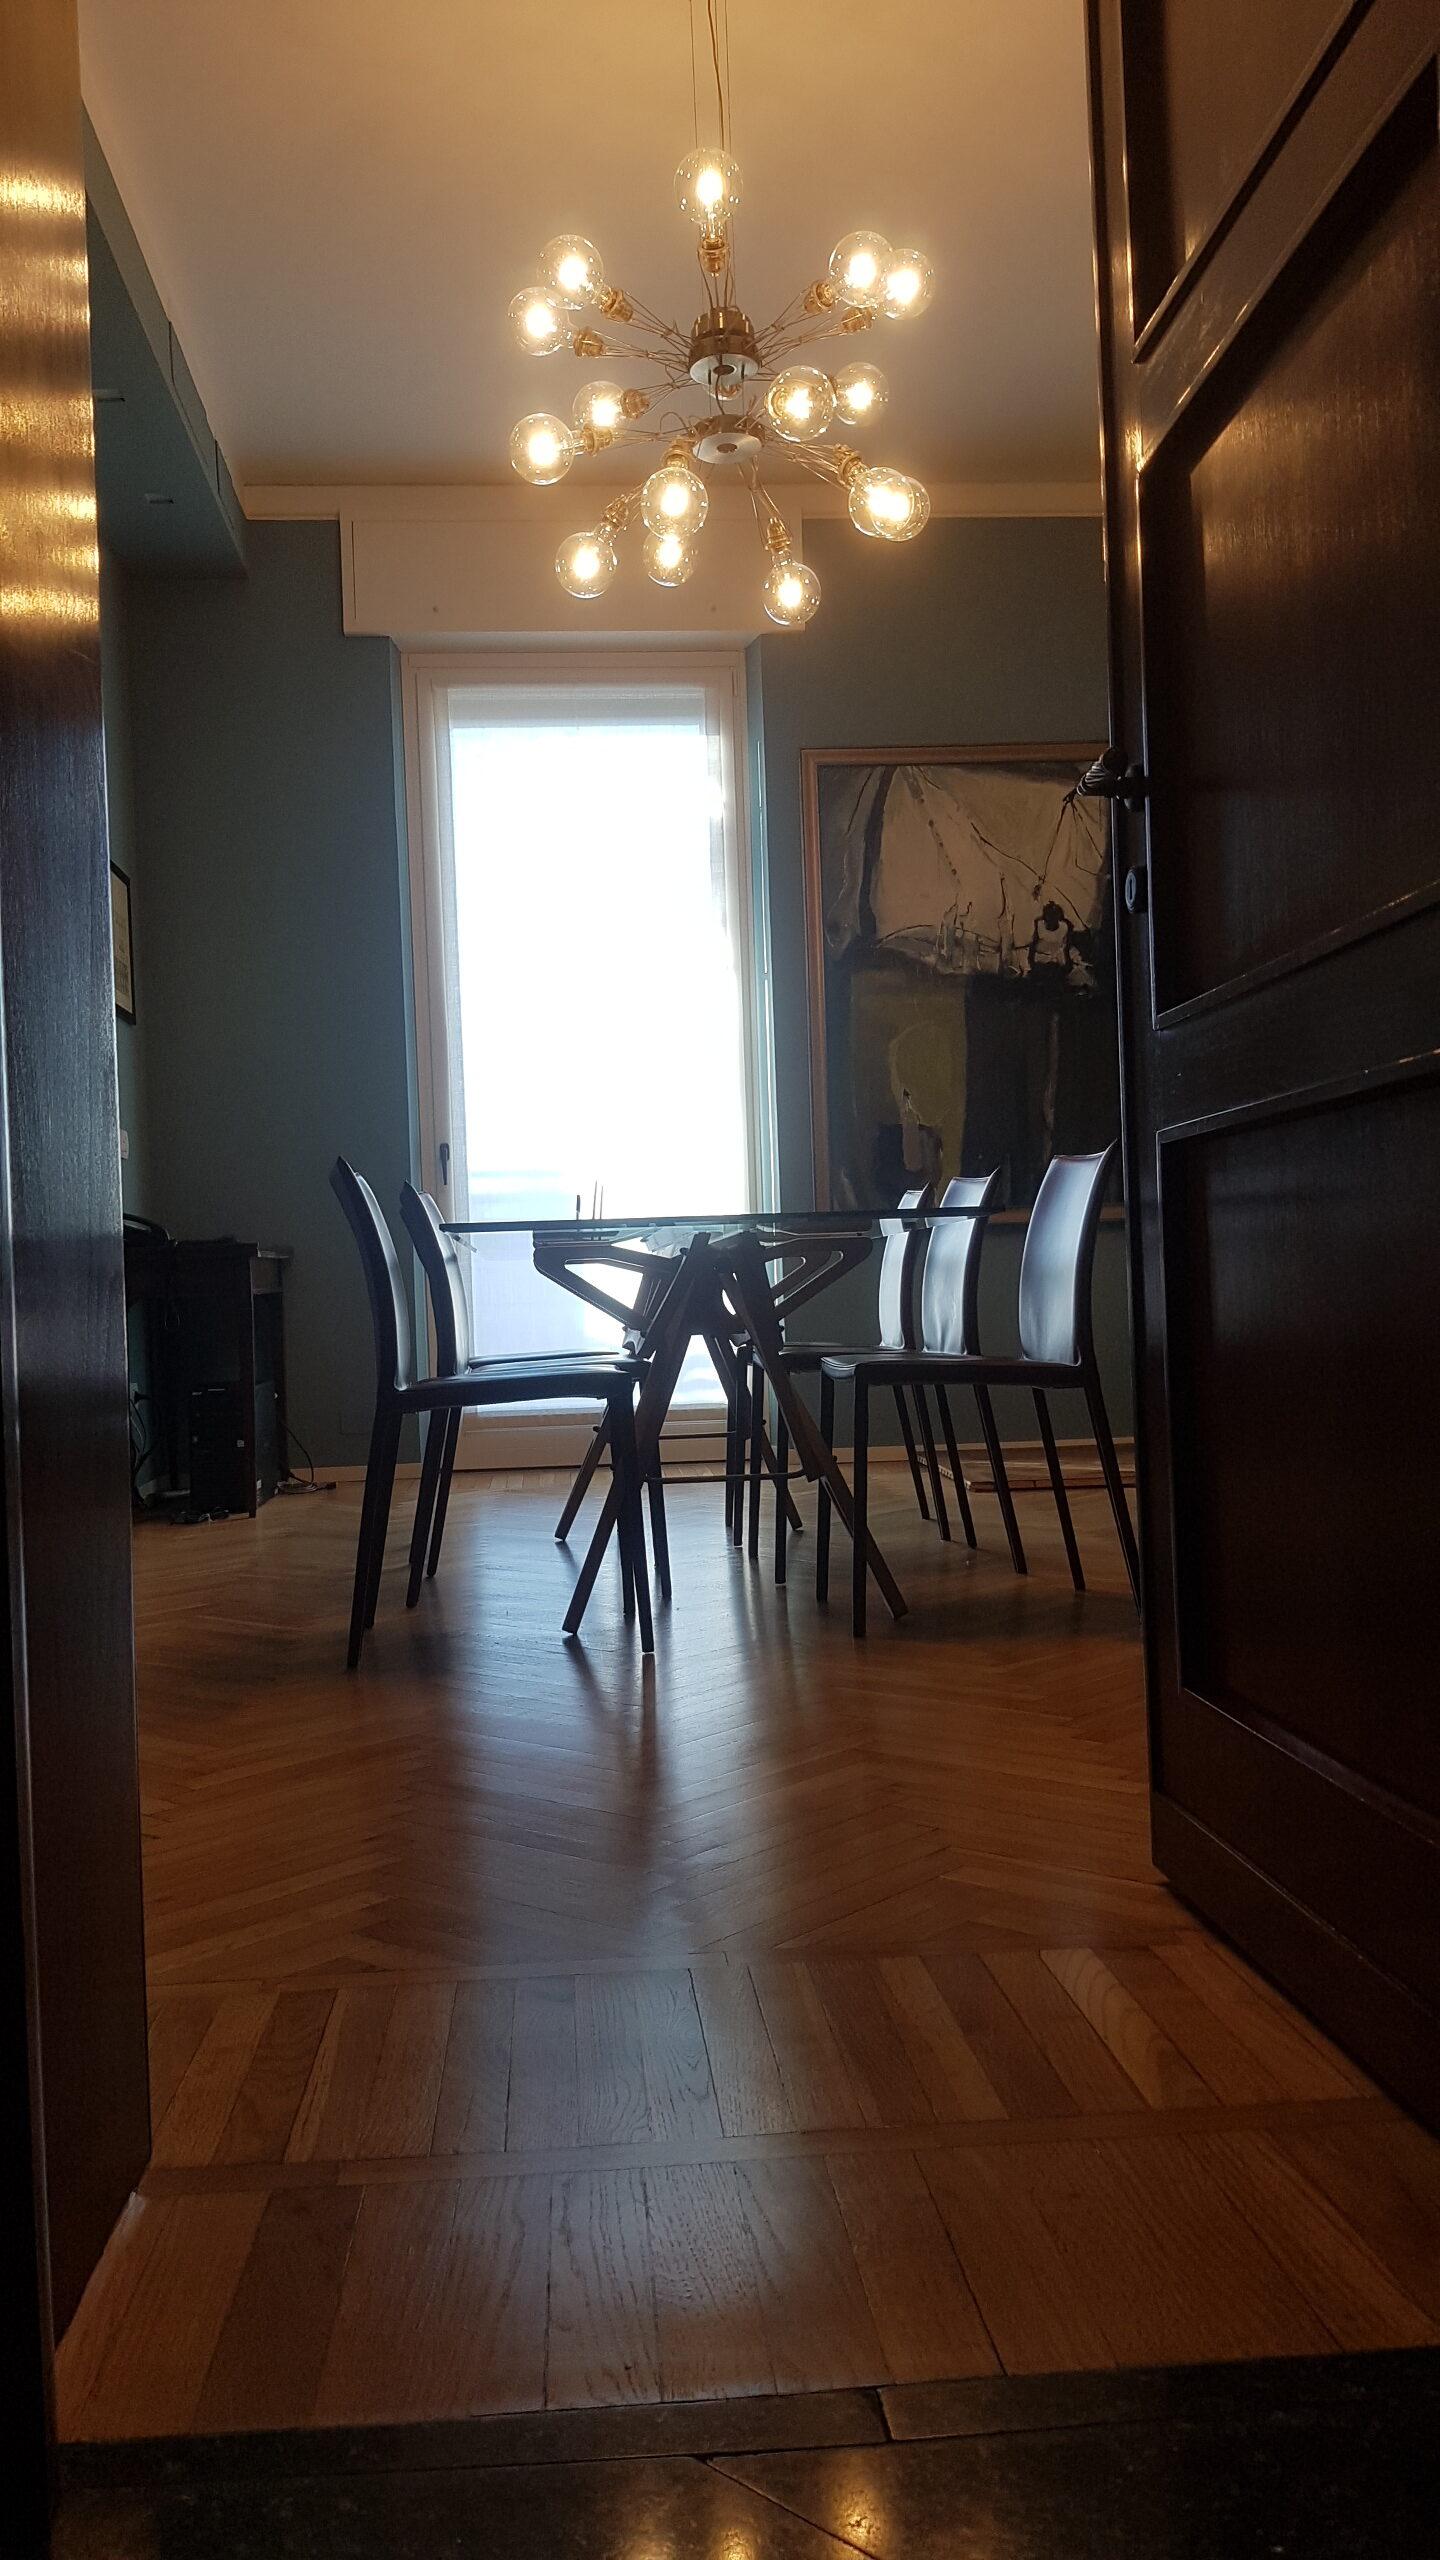 6. Particolare illuminazione a soffitto con lampadario a sospensione: lavori ultimati.